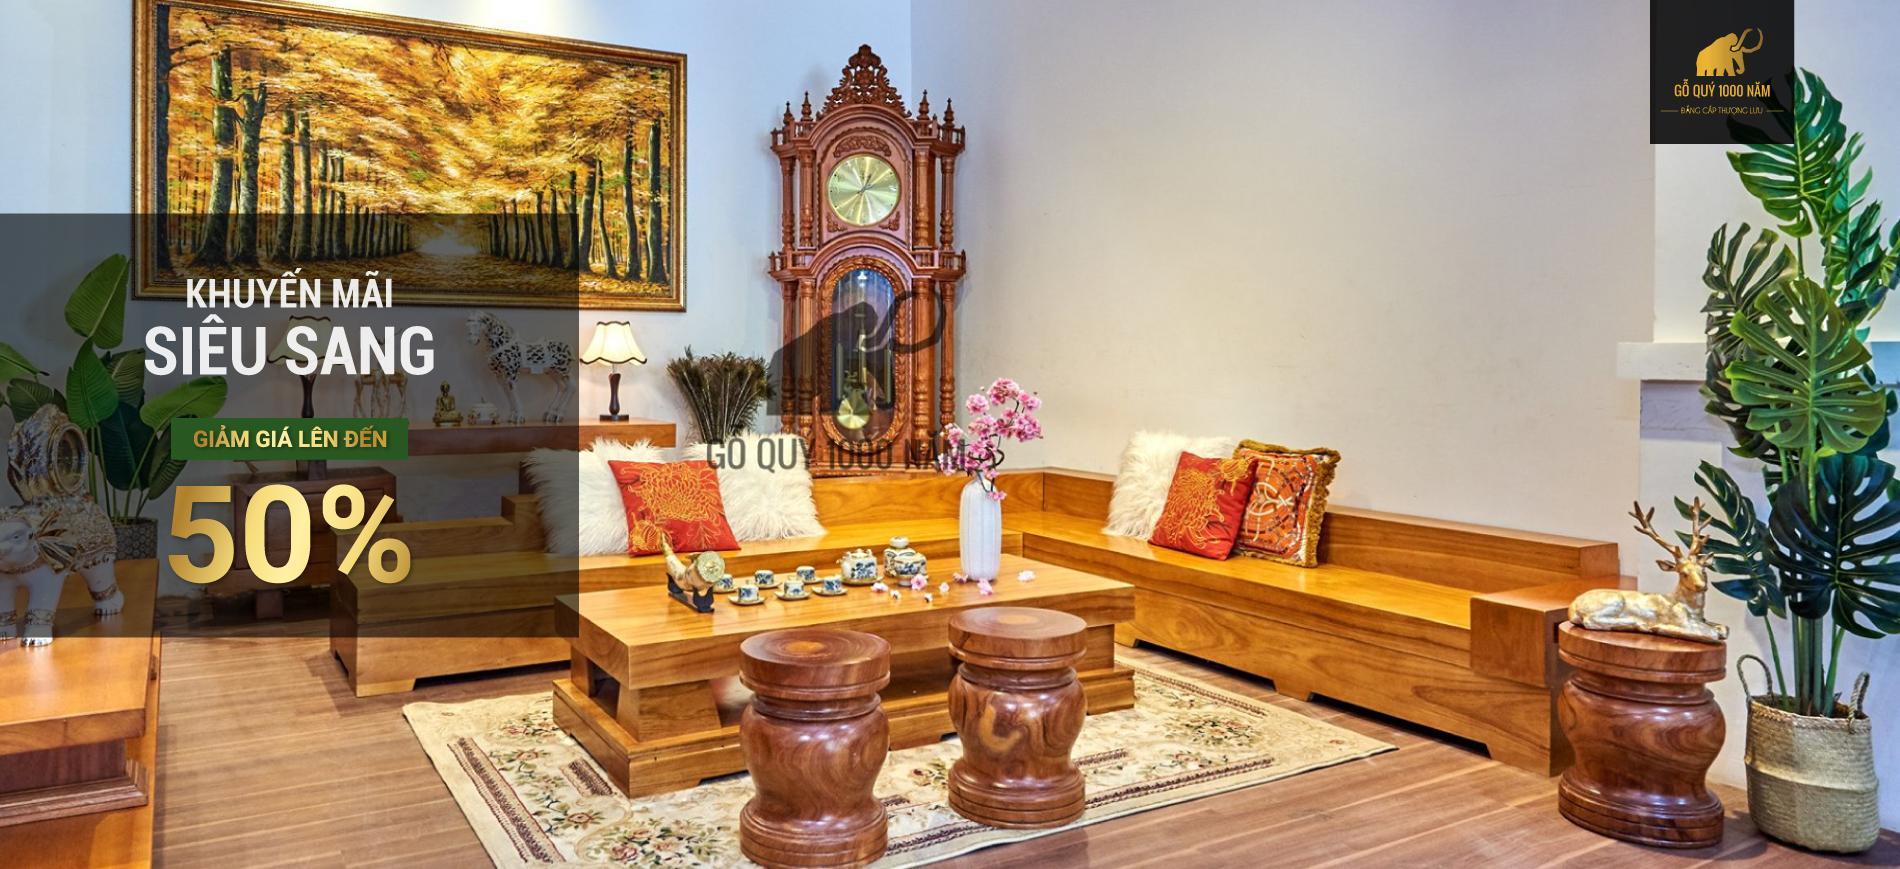 sofa gỗ cẩm, sofa gõ vàng, sofa gõ đỏ